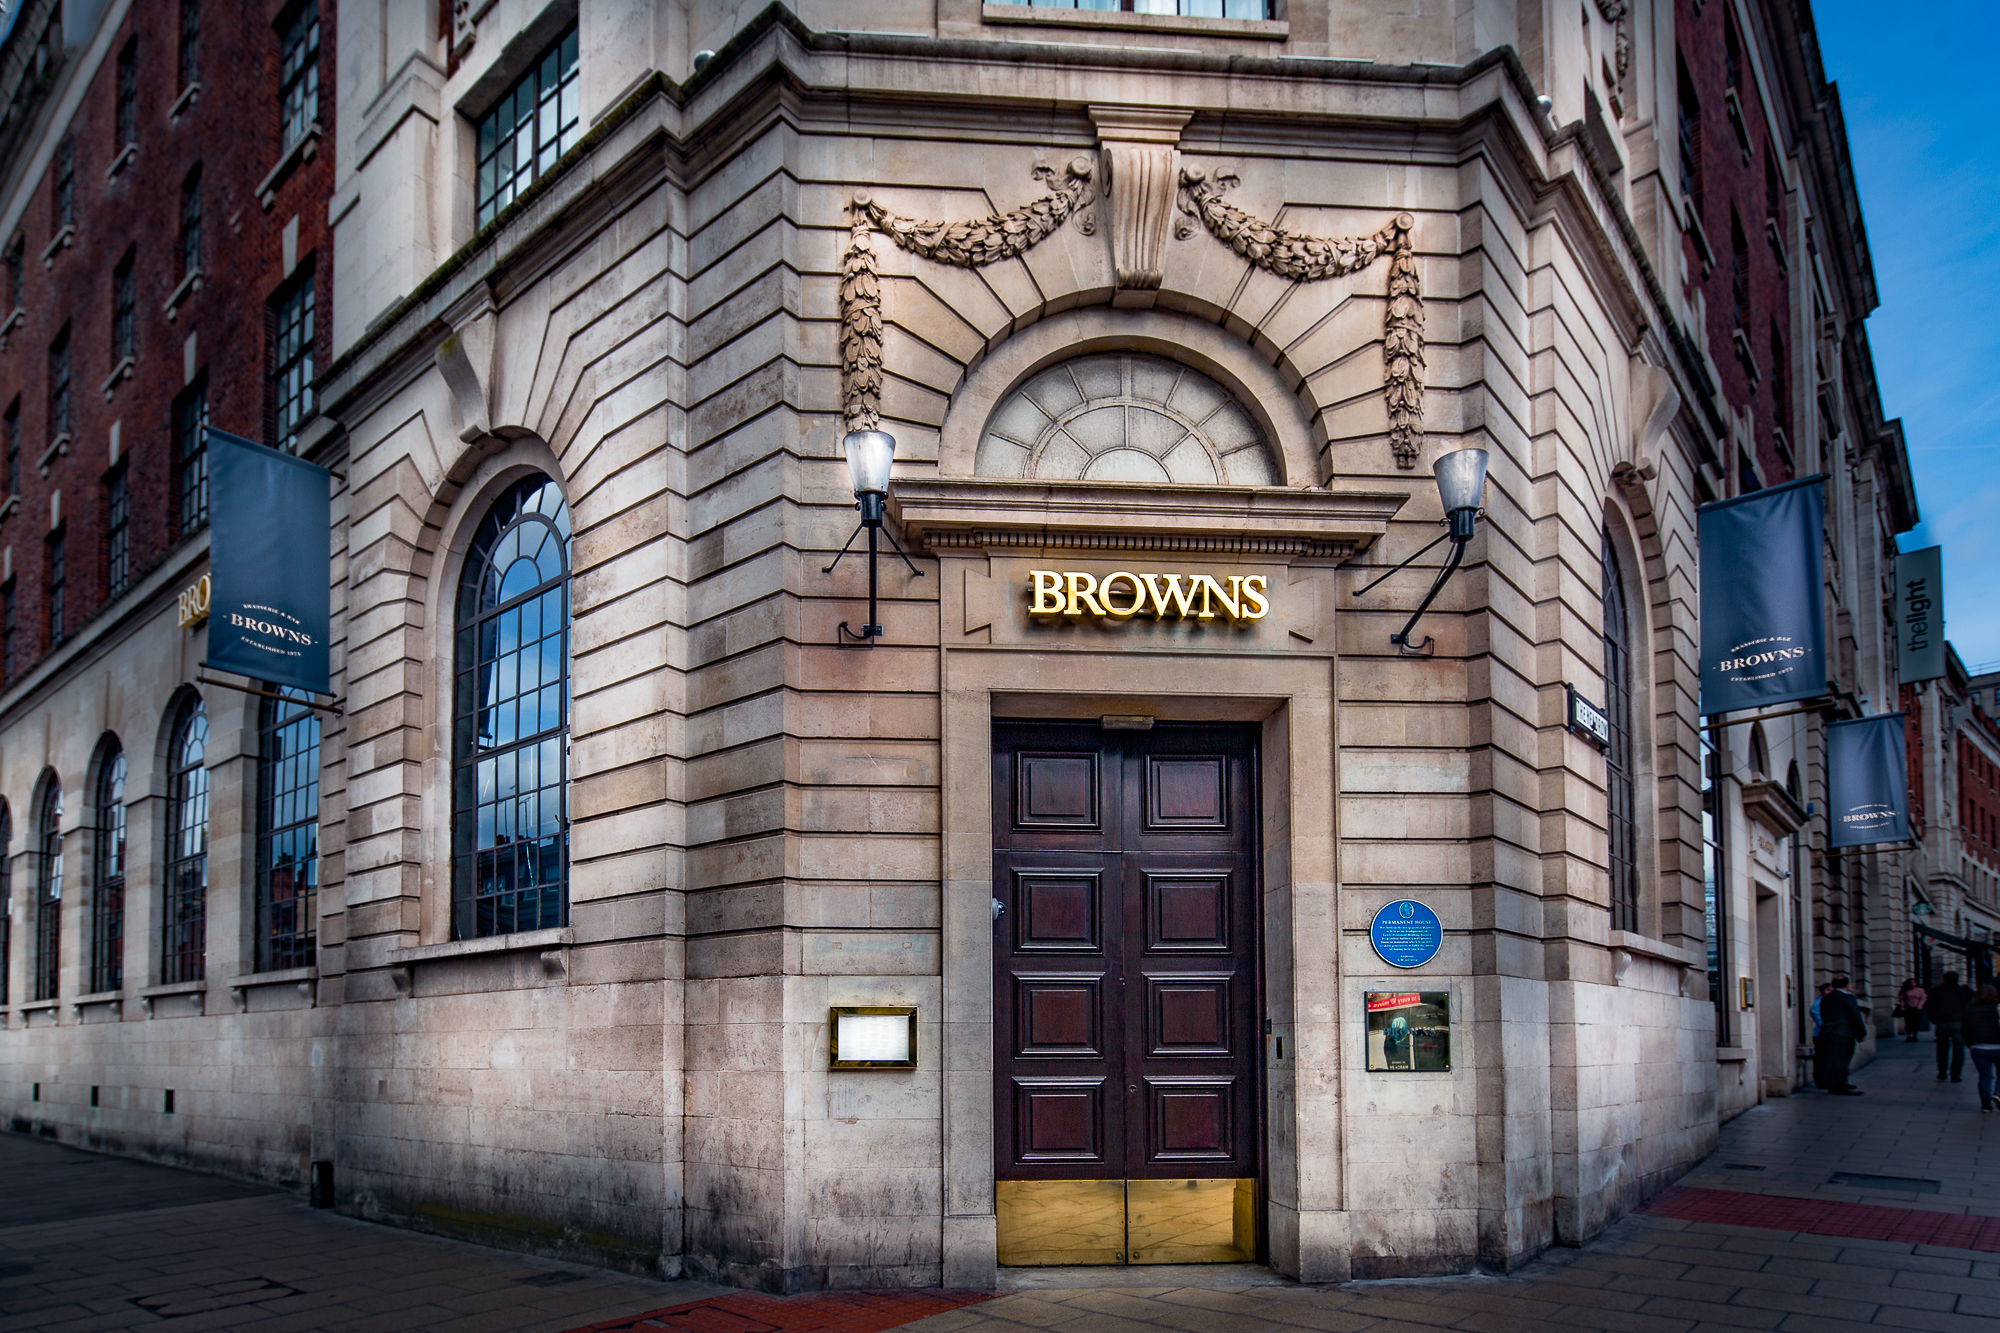 Browns-2.jpg